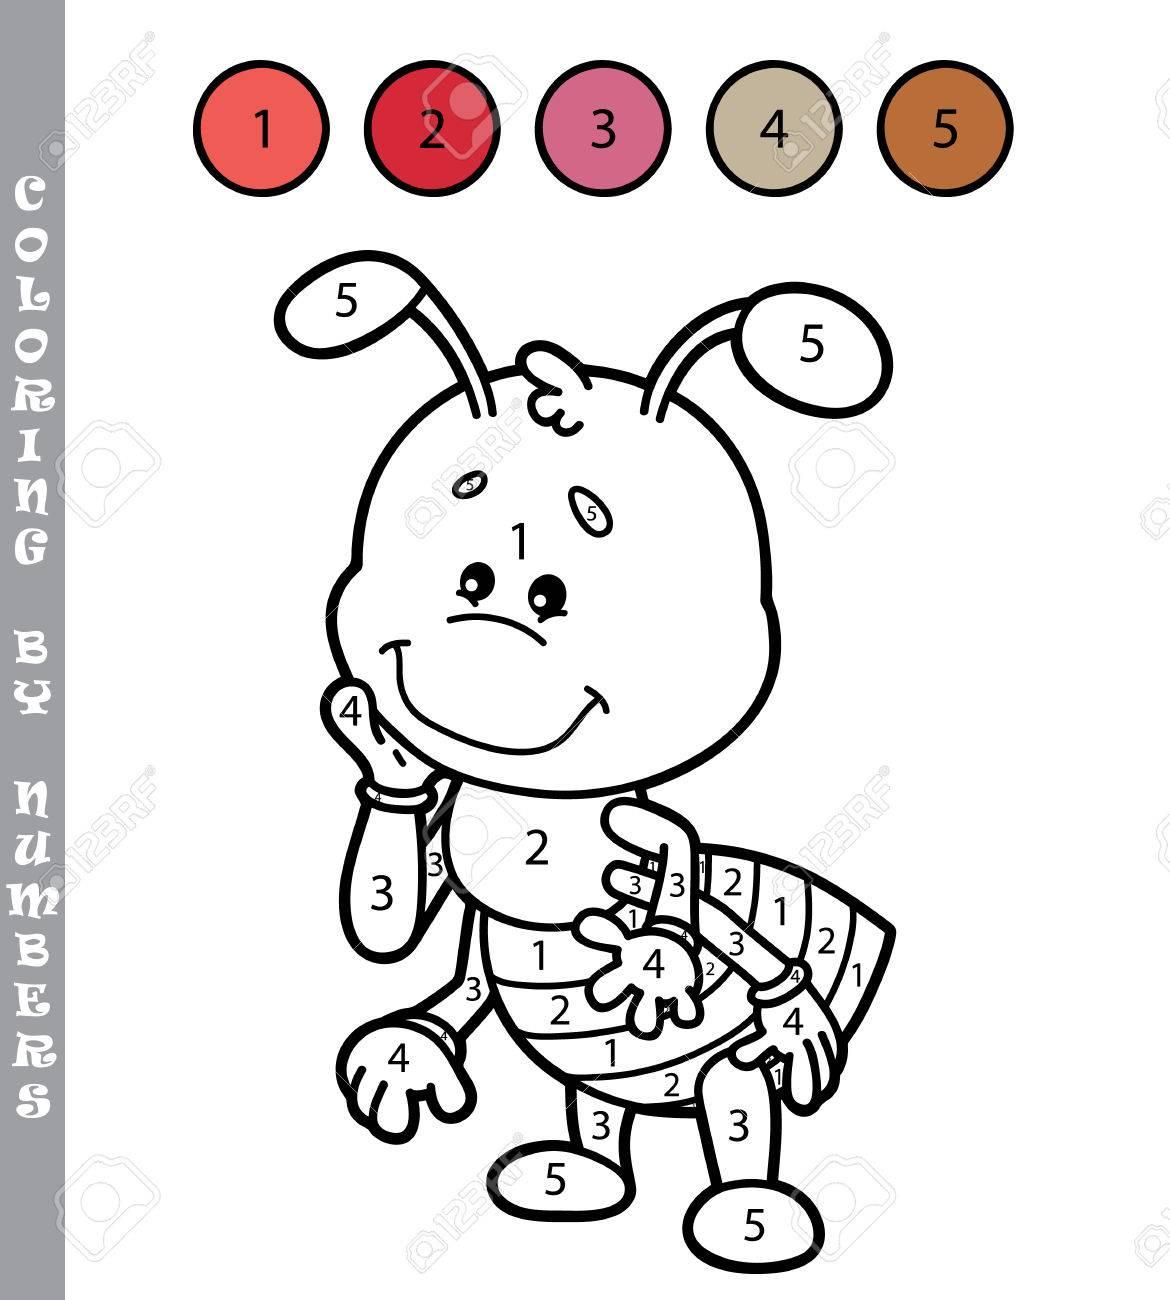 Colorear Por Números Divertido Juego Ilustración Vectorial Para